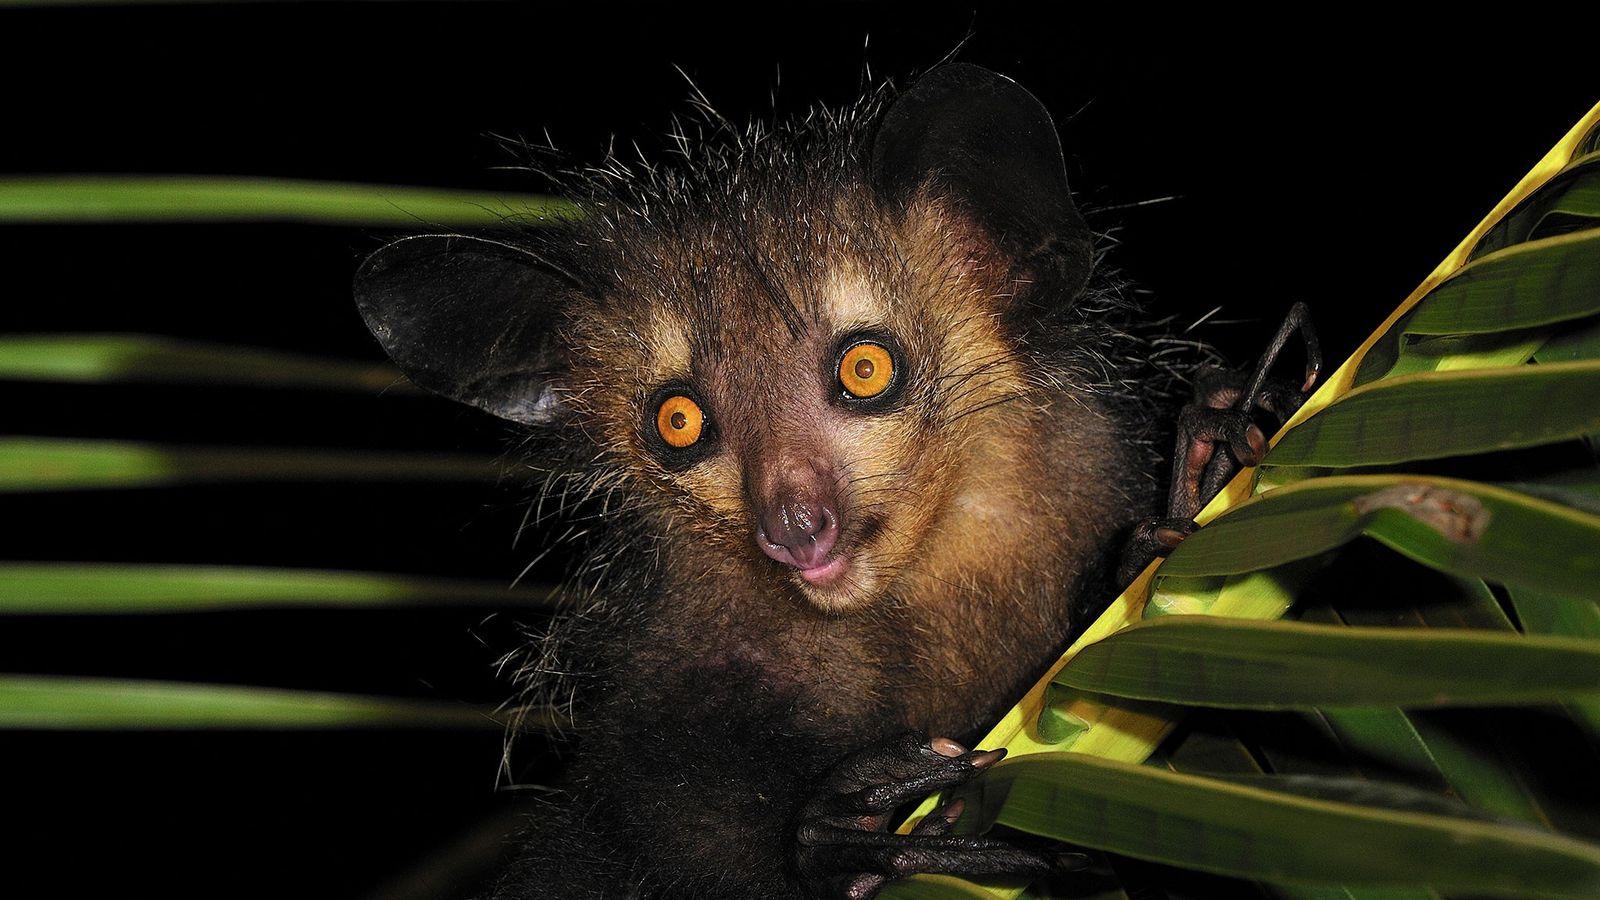 Dans l'est de Madagascar, un aye-aye s'accroche à un palmier. Autrefois, apercevoir un aye-aye était considéré ...